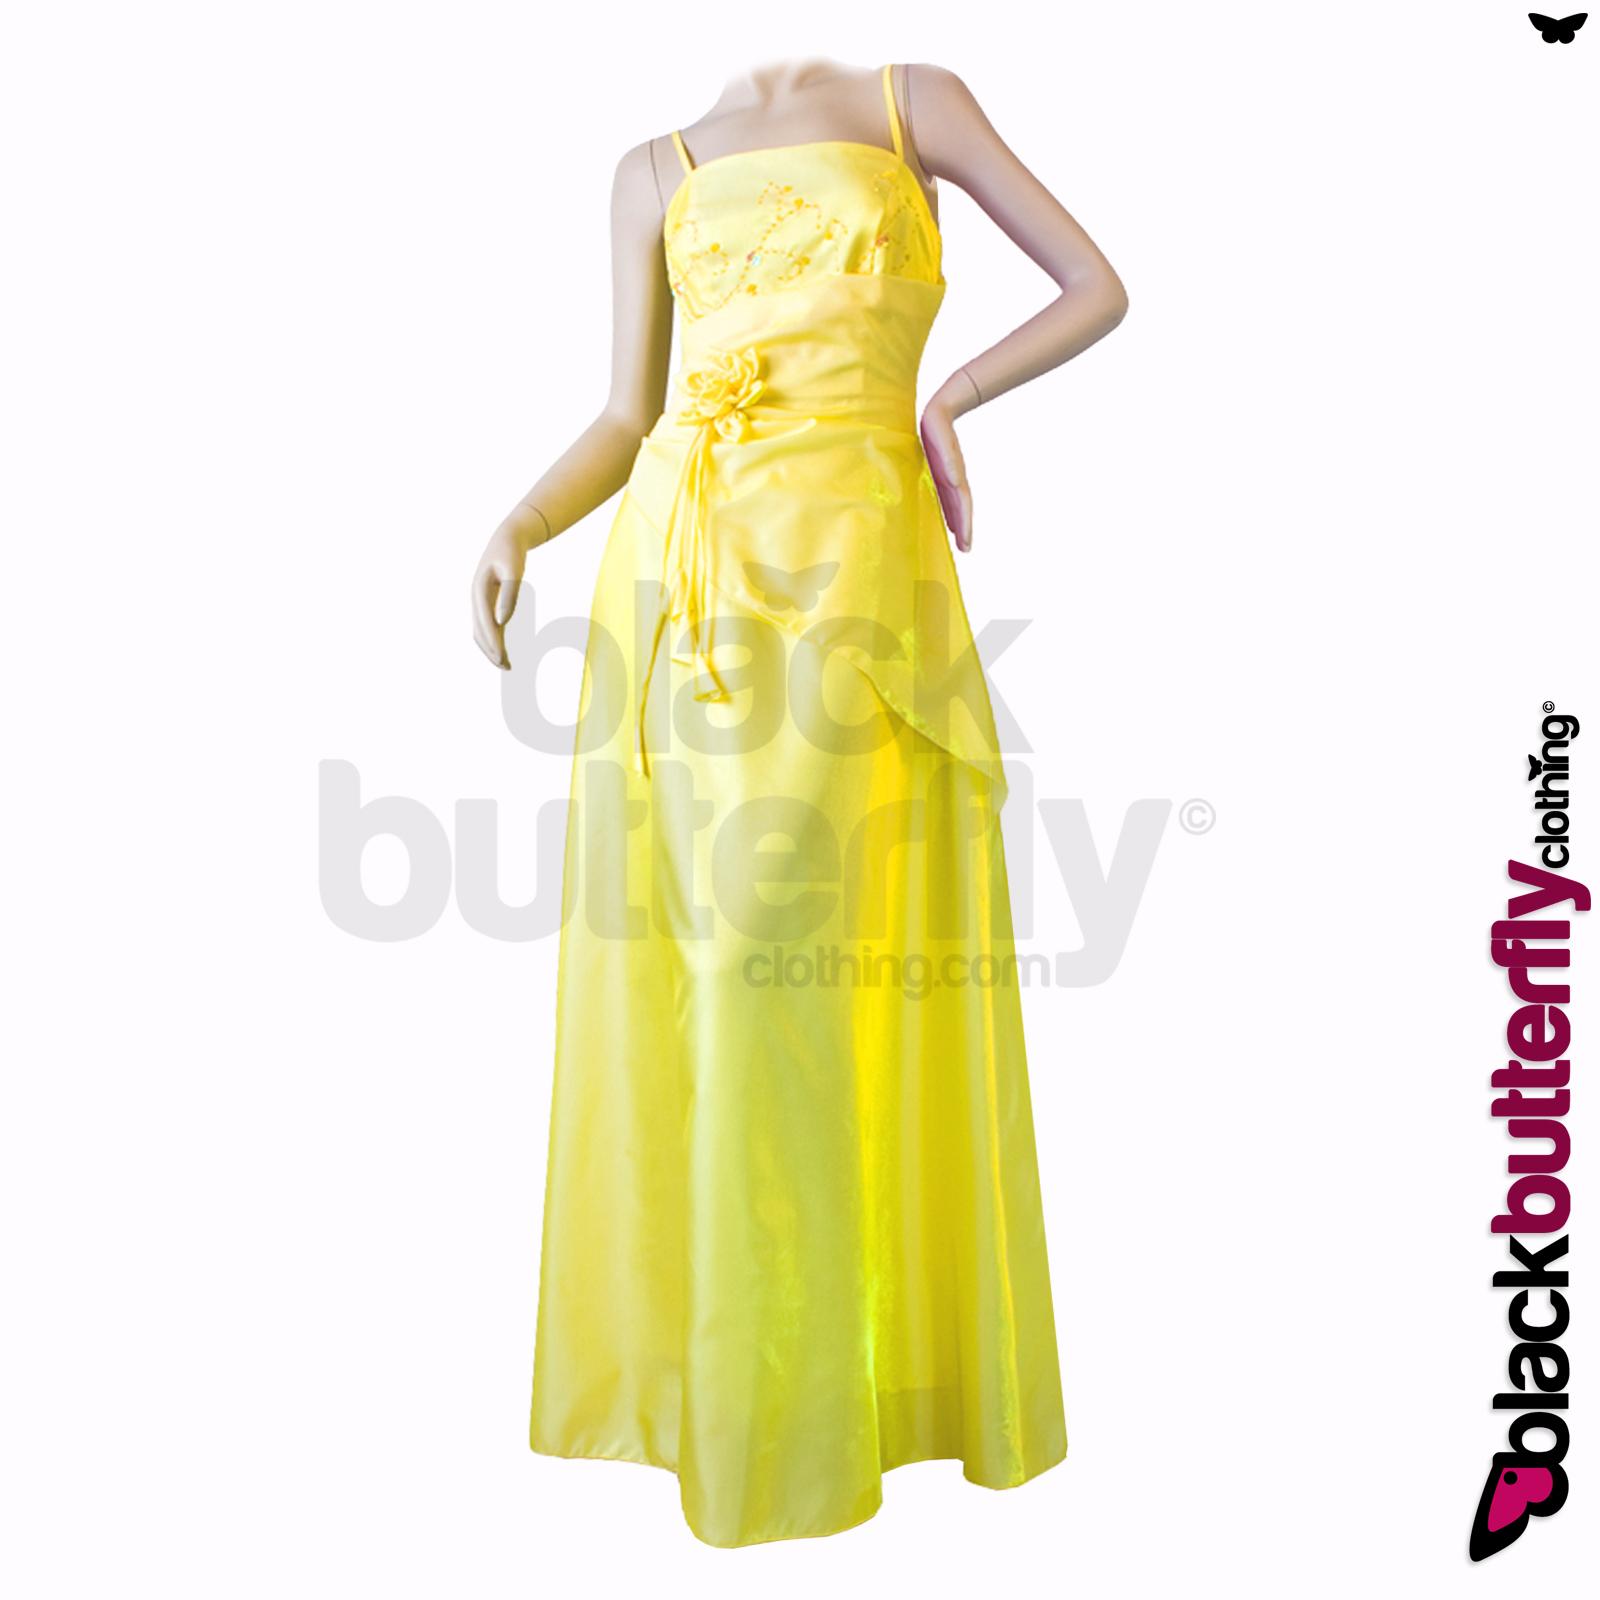 prom dresses size22 – Fashion dresses